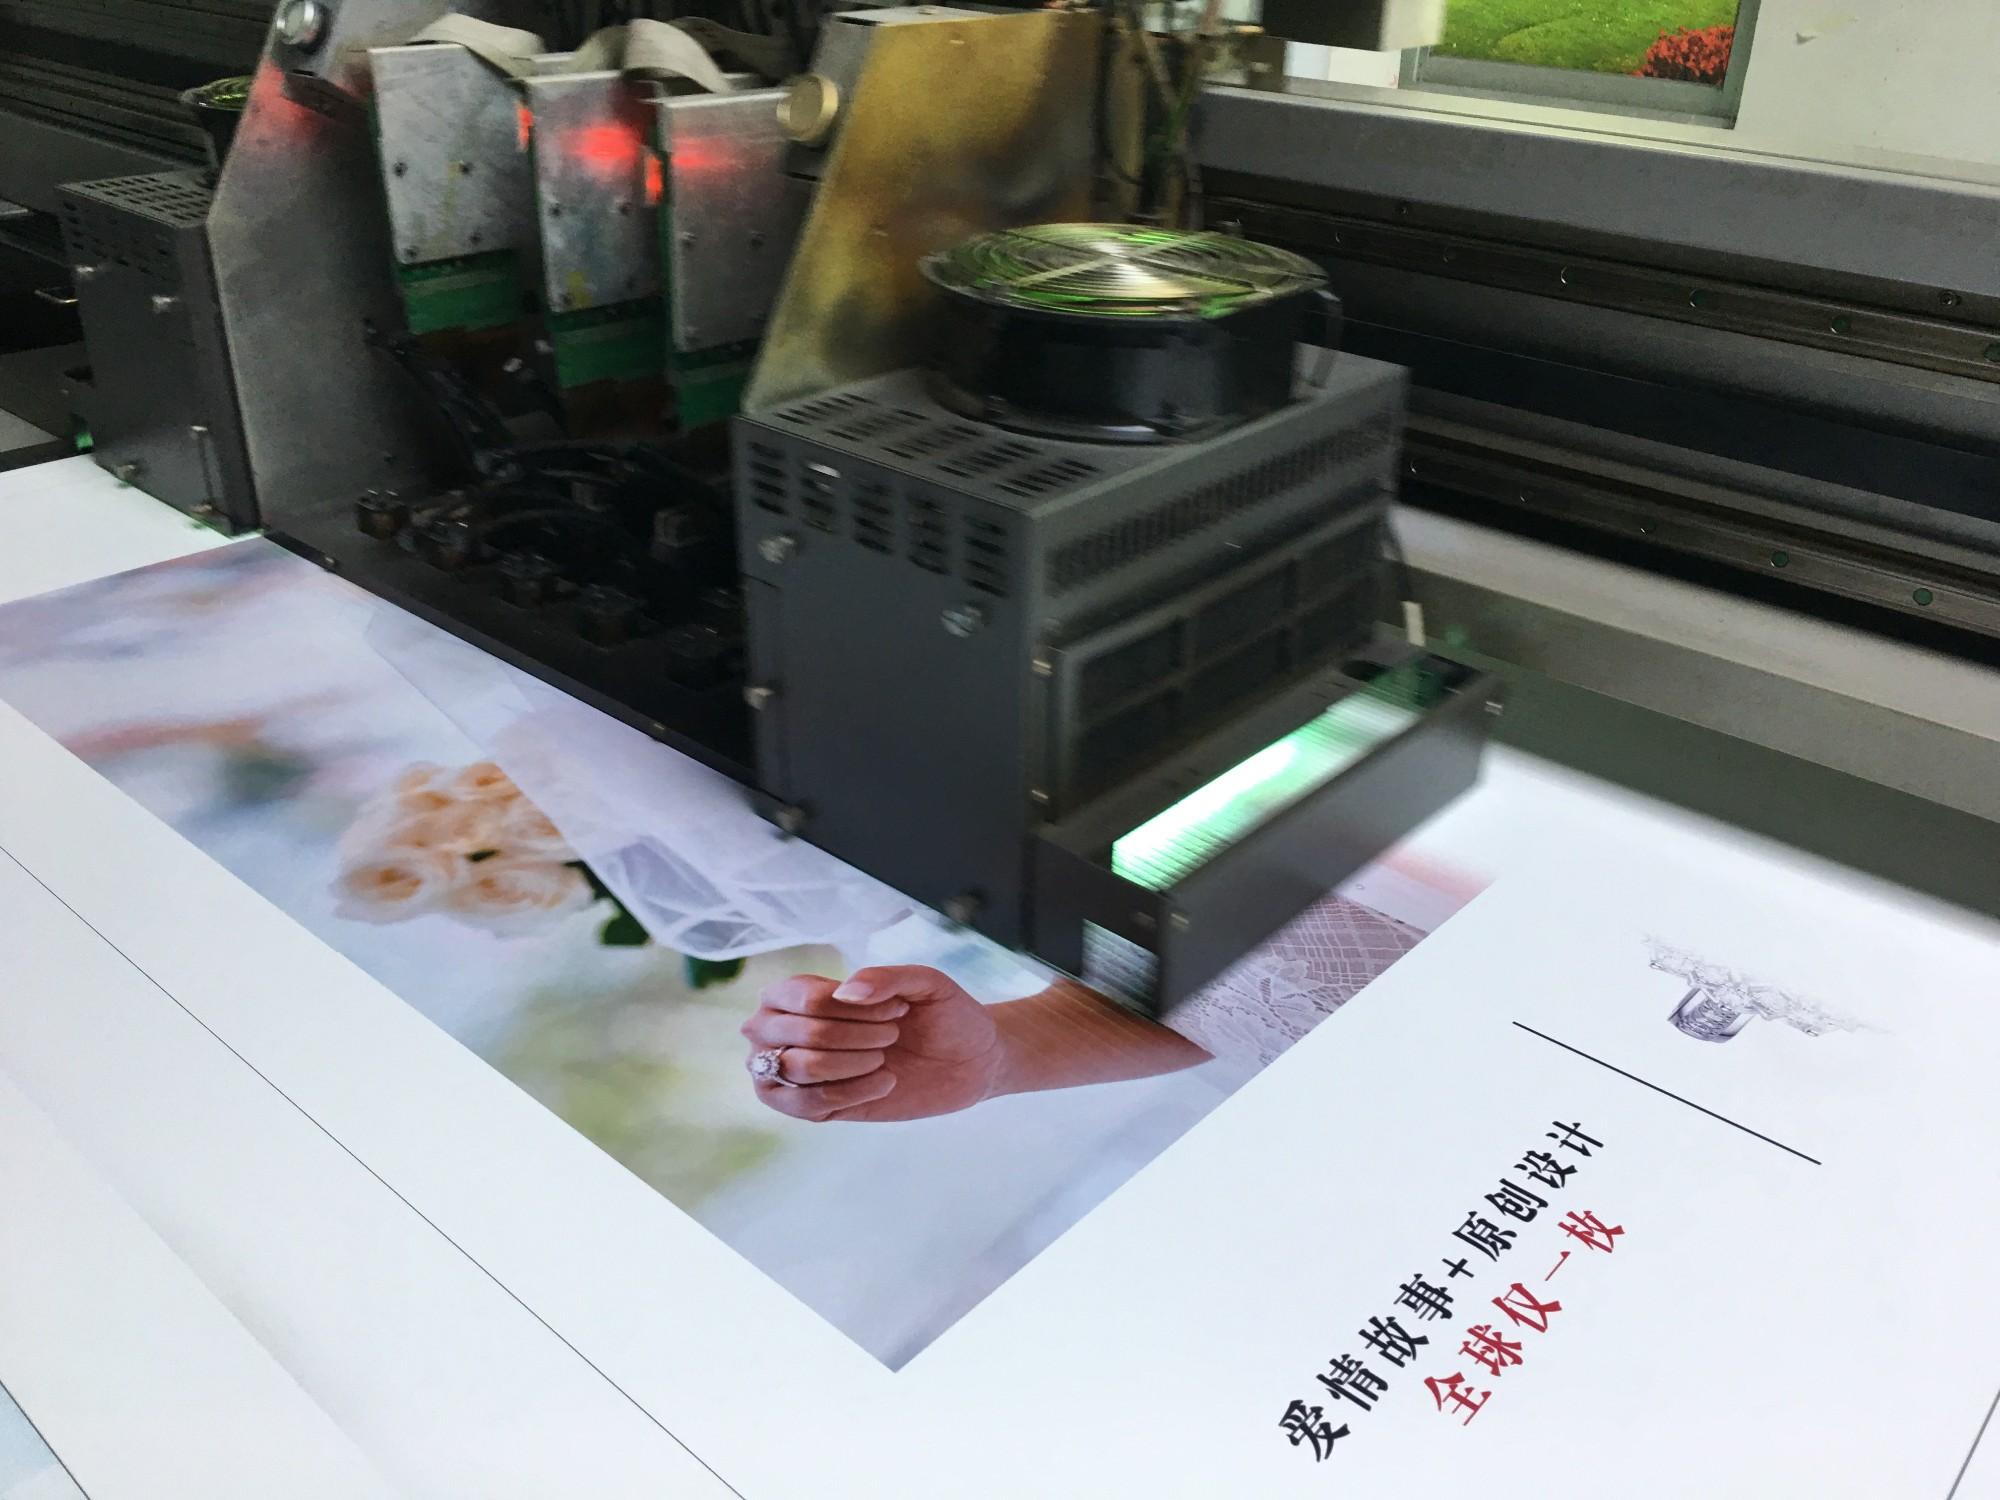 Acheter Imprimante numérique annonçant l'impression UV pour les affiches,Imprimante numérique annonçant l'impression UV pour les affiches Prix,Imprimante numérique annonçant l'impression UV pour les affiches Marques,Imprimante numérique annonçant l'impression UV pour les affiches Fabricant,Imprimante numérique annonçant l'impression UV pour les affiches Quotes,Imprimante numérique annonçant l'impression UV pour les affiches Société,